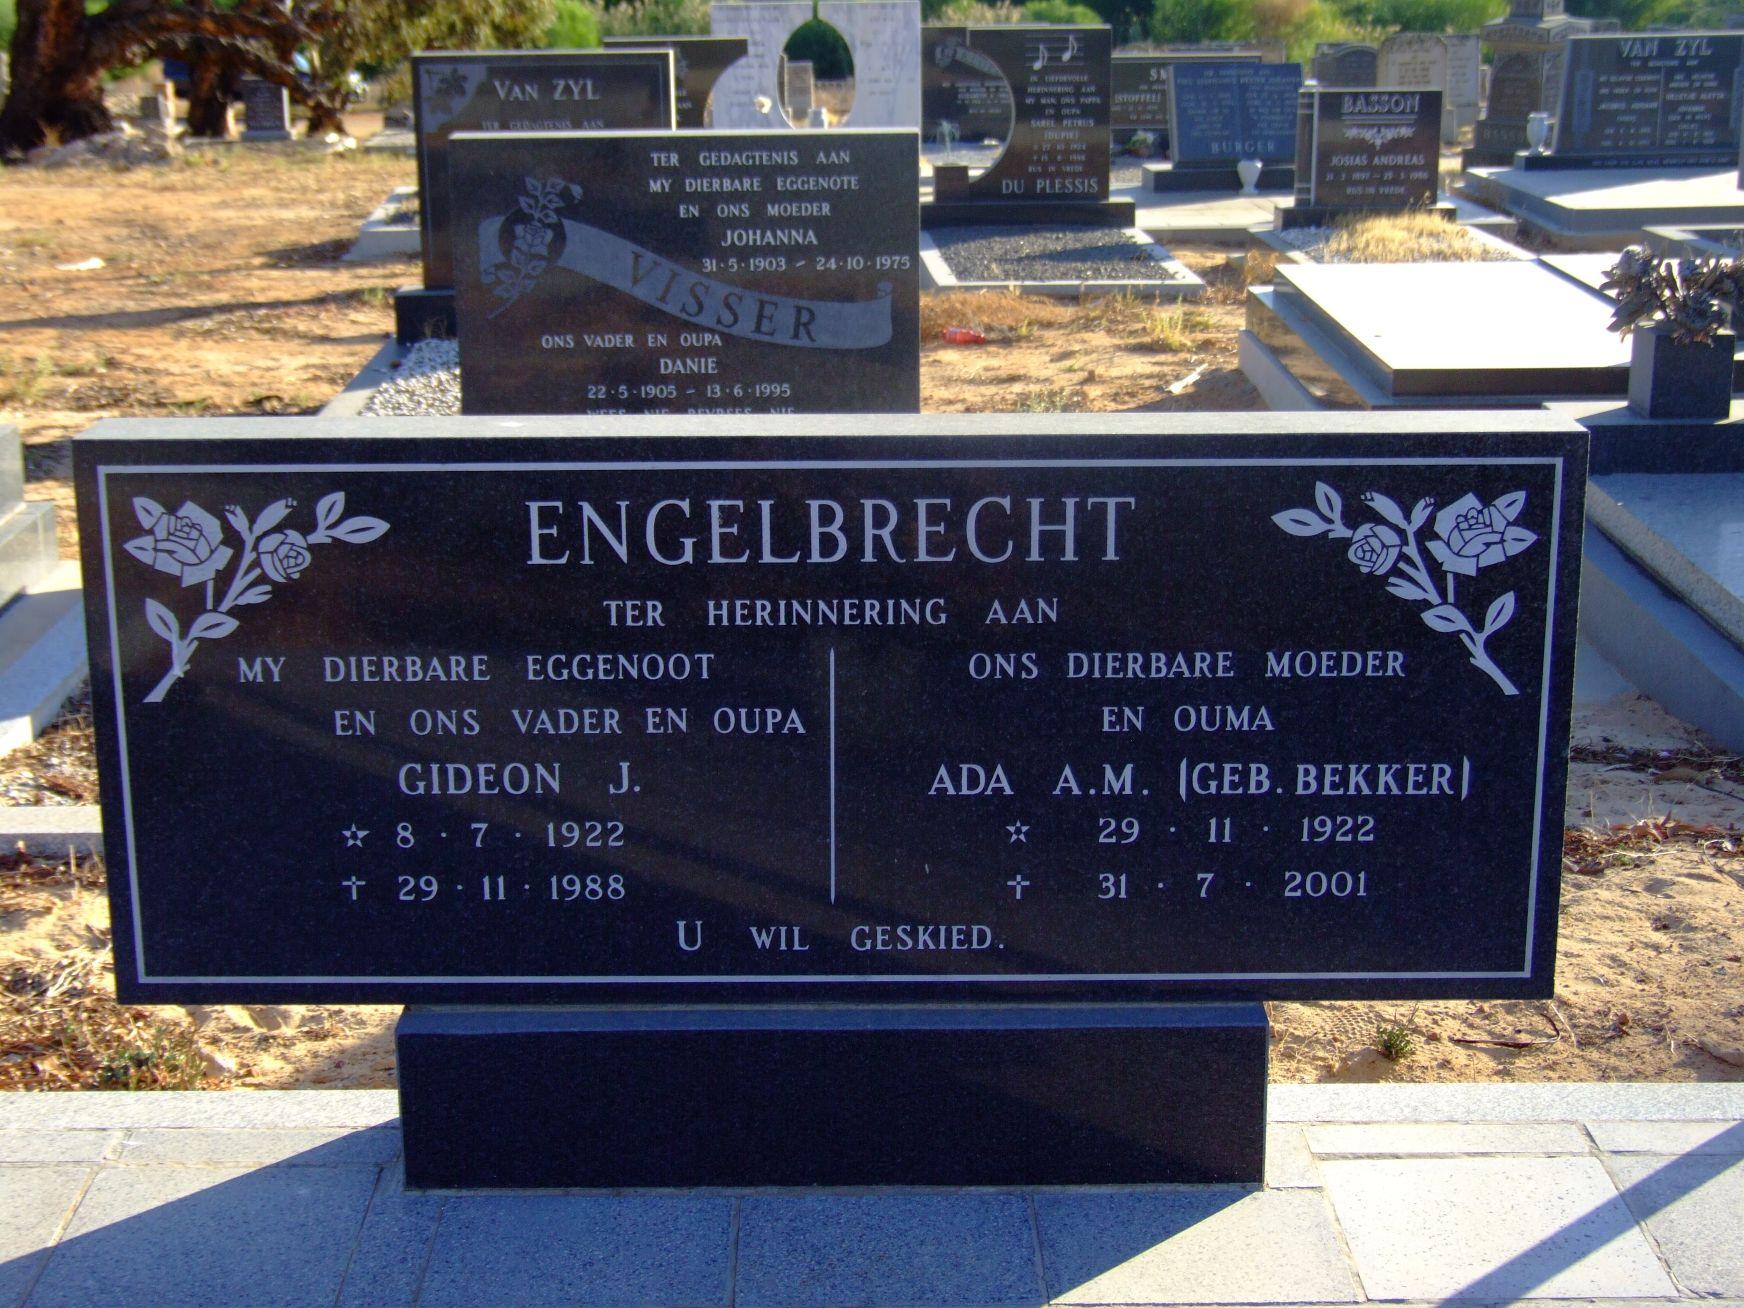 Engelbrecht, Gideon J. and Engelbrecht, Ada A. M. (nee Bekker)